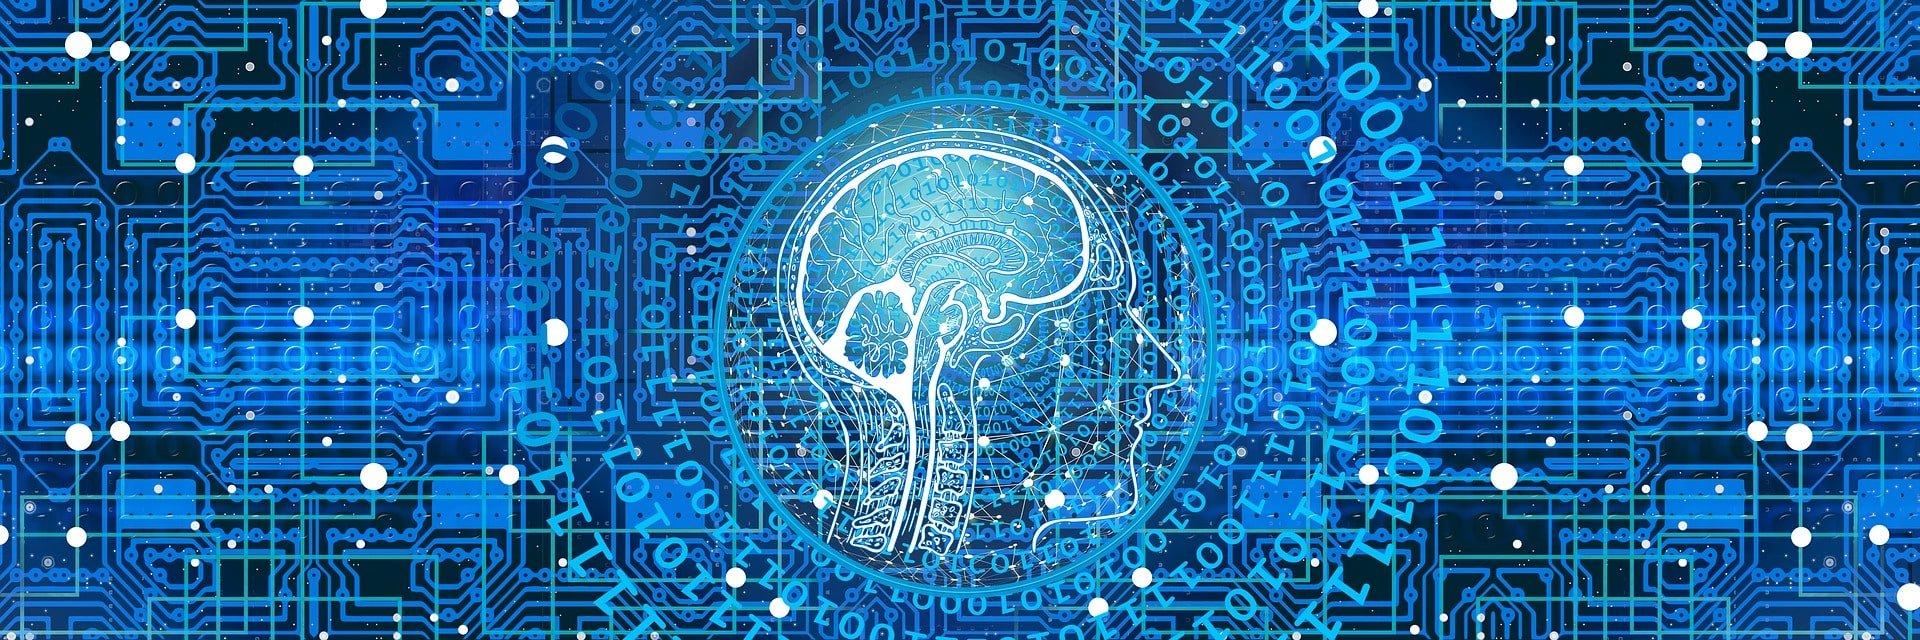 moteurs-recherche-intelligence-artificielle